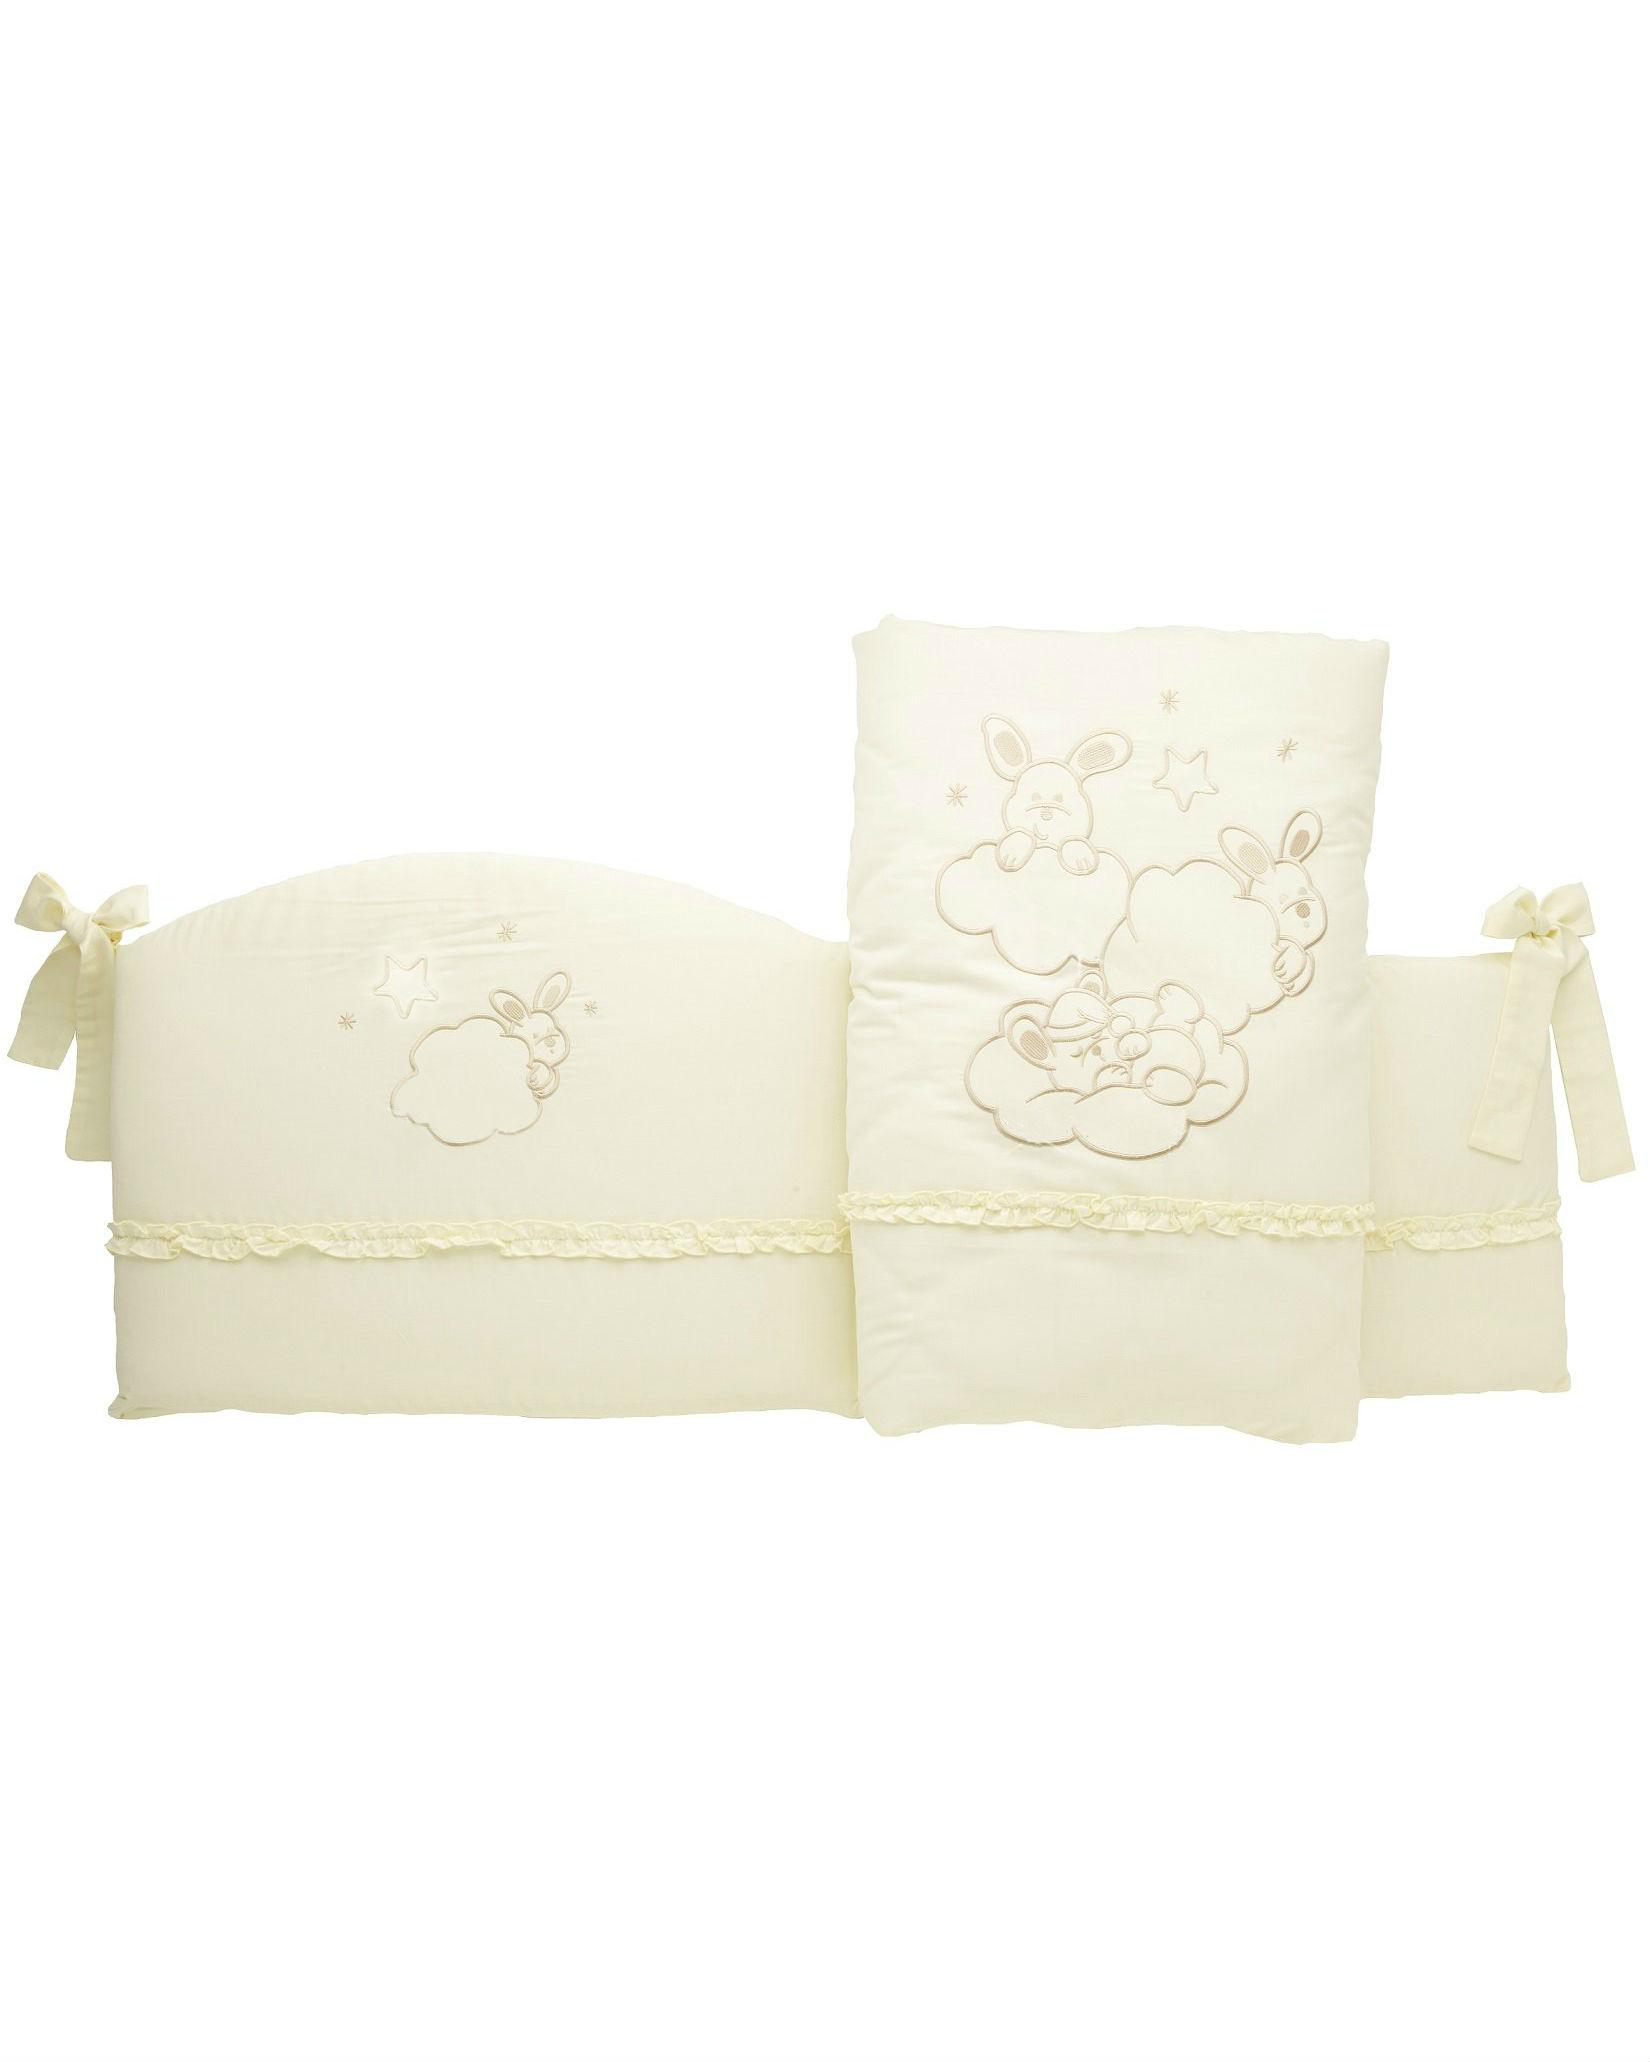 Бампер в кроватку bumper Etoile BrillianteДетское постельное белье<br>Бампер в кроватку bumper Etoile Brilliante<br>